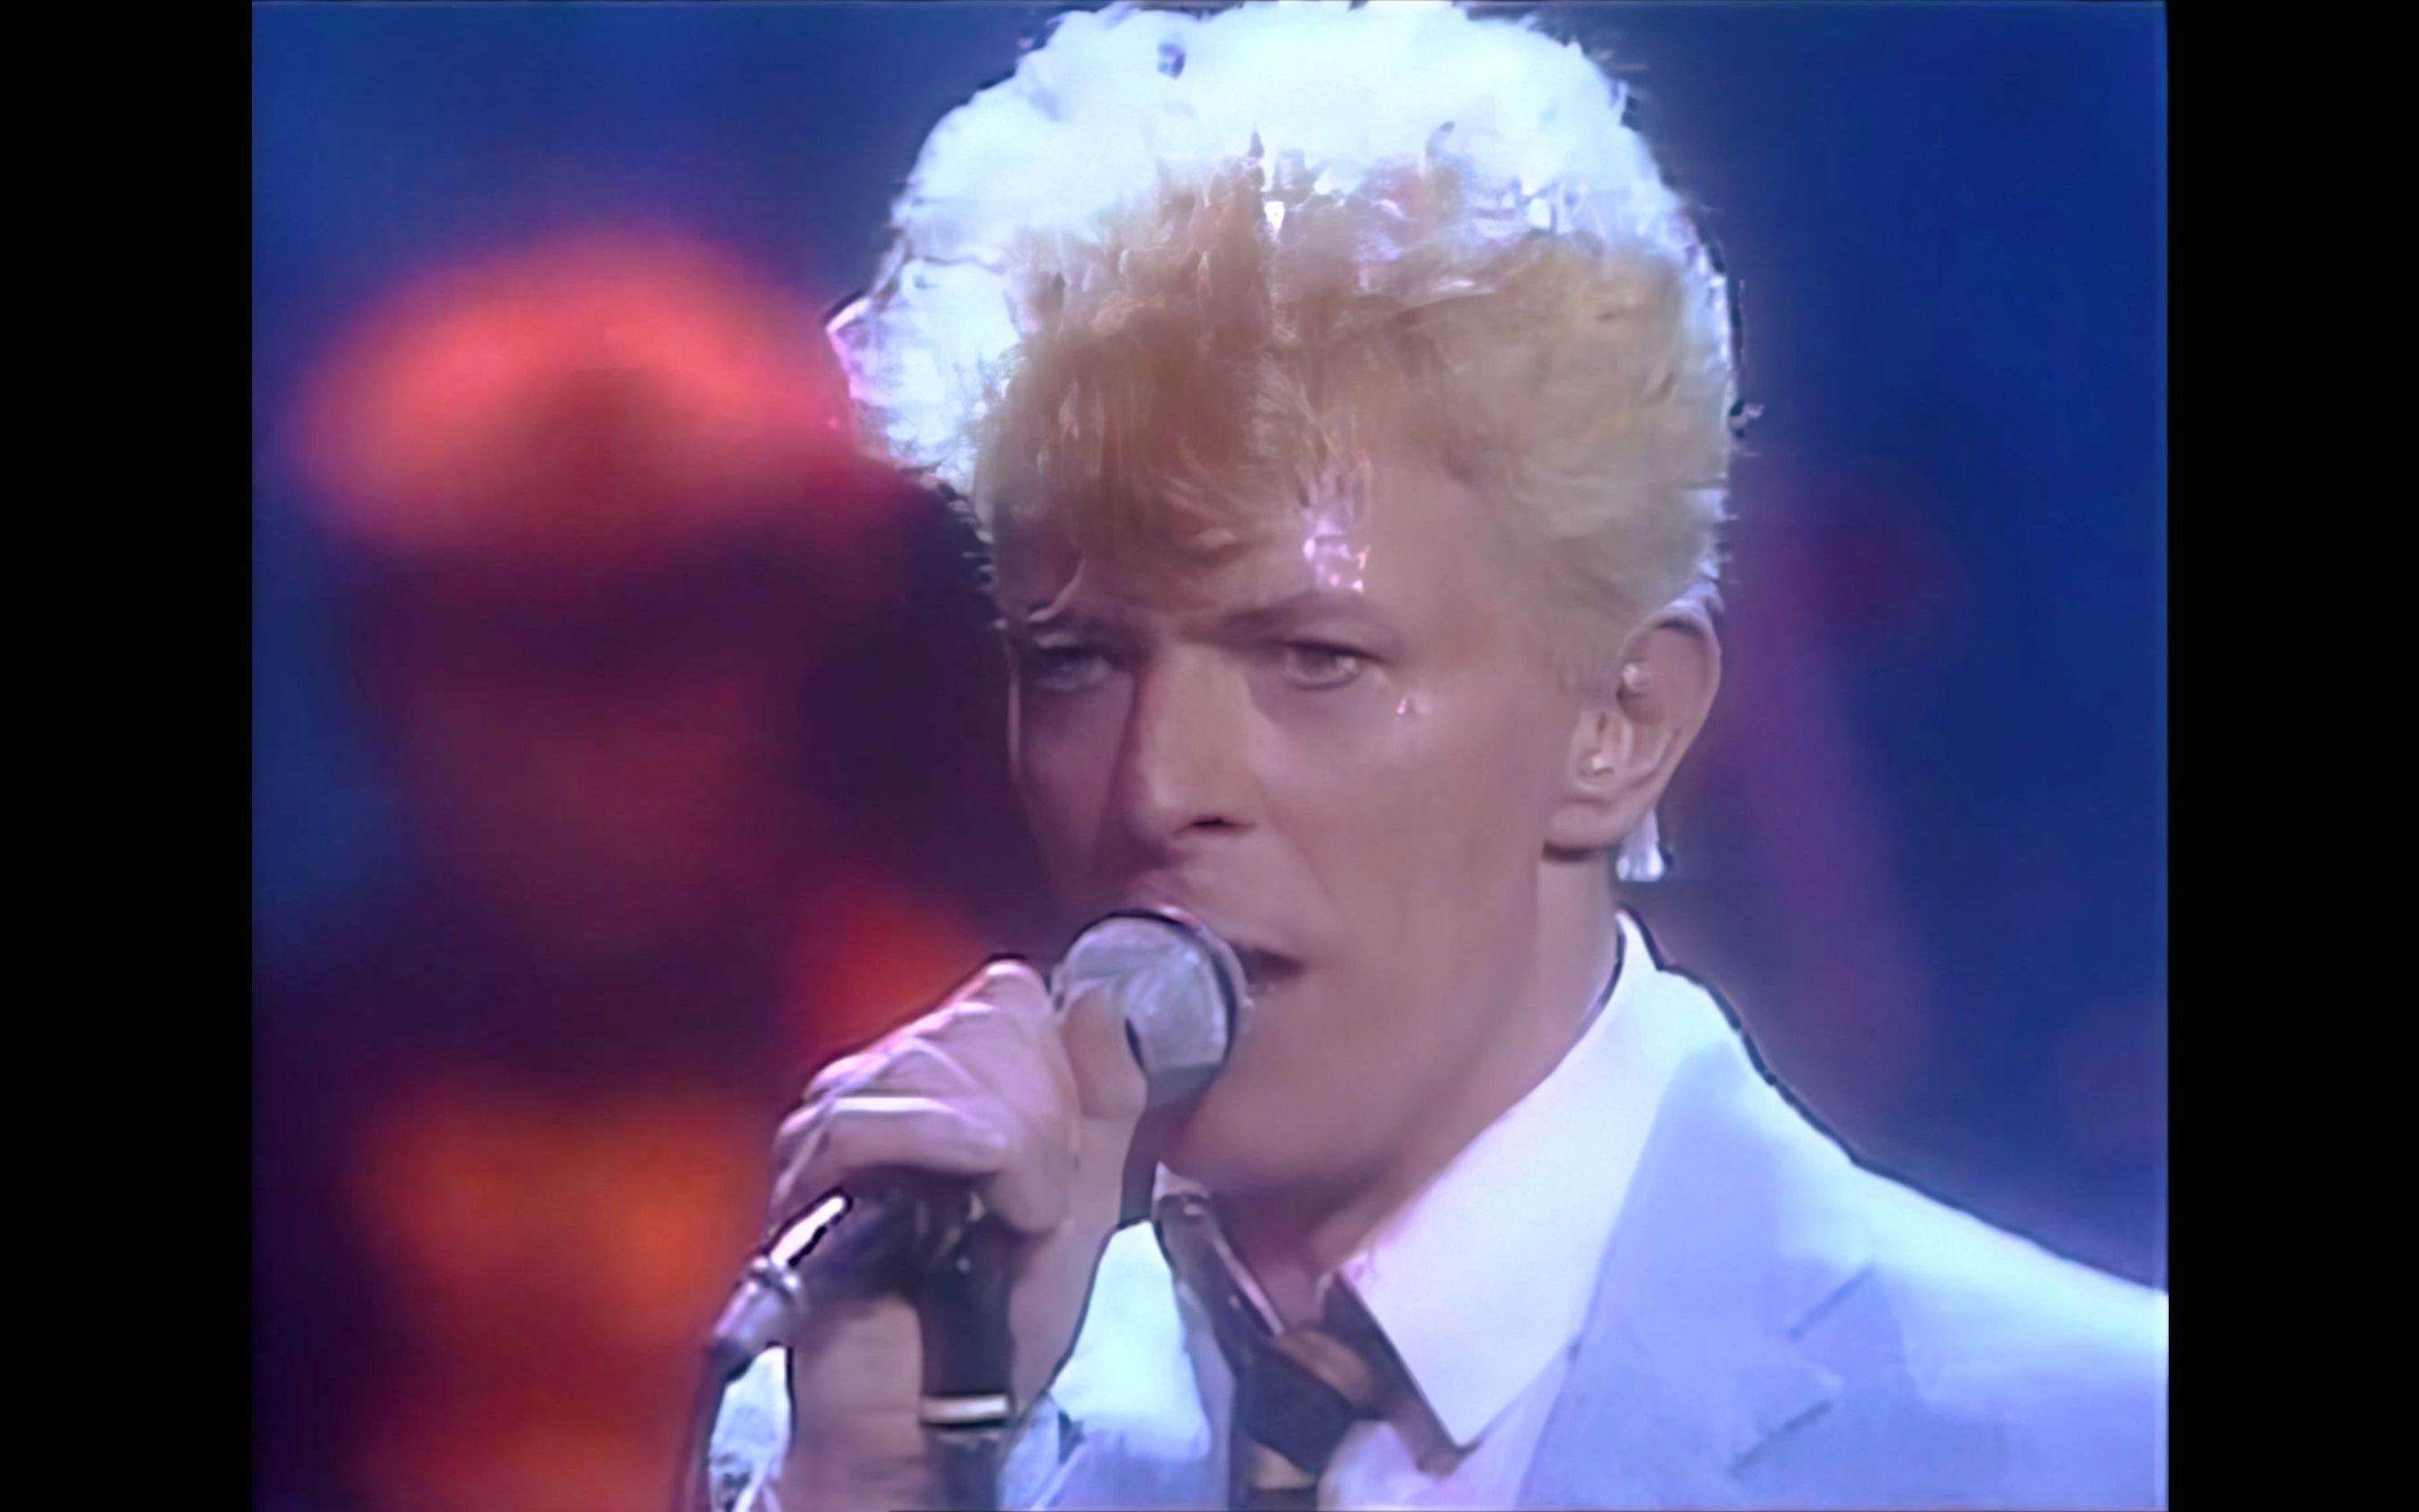 【David *owie】 - Fashion & Let's Dance (Live '83)